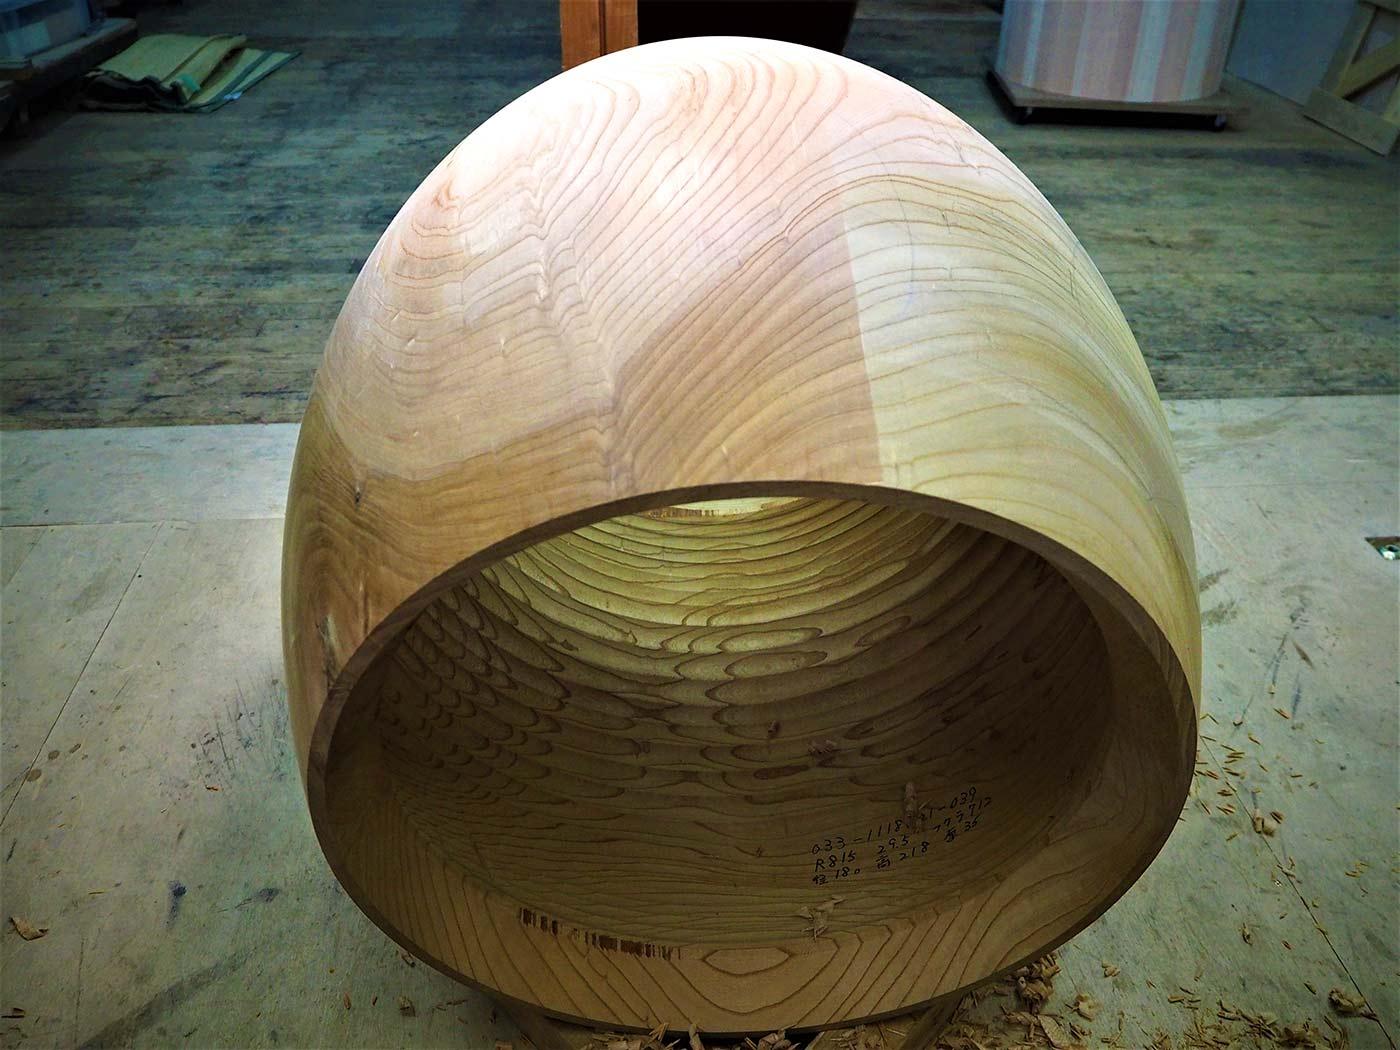 面が1尺8寸(約54.5センチ)の長胴太鼓。長胴太鼓を作るときには、木を無駄にしないためにくり抜いた内部の木からさらに小さな太鼓を作る